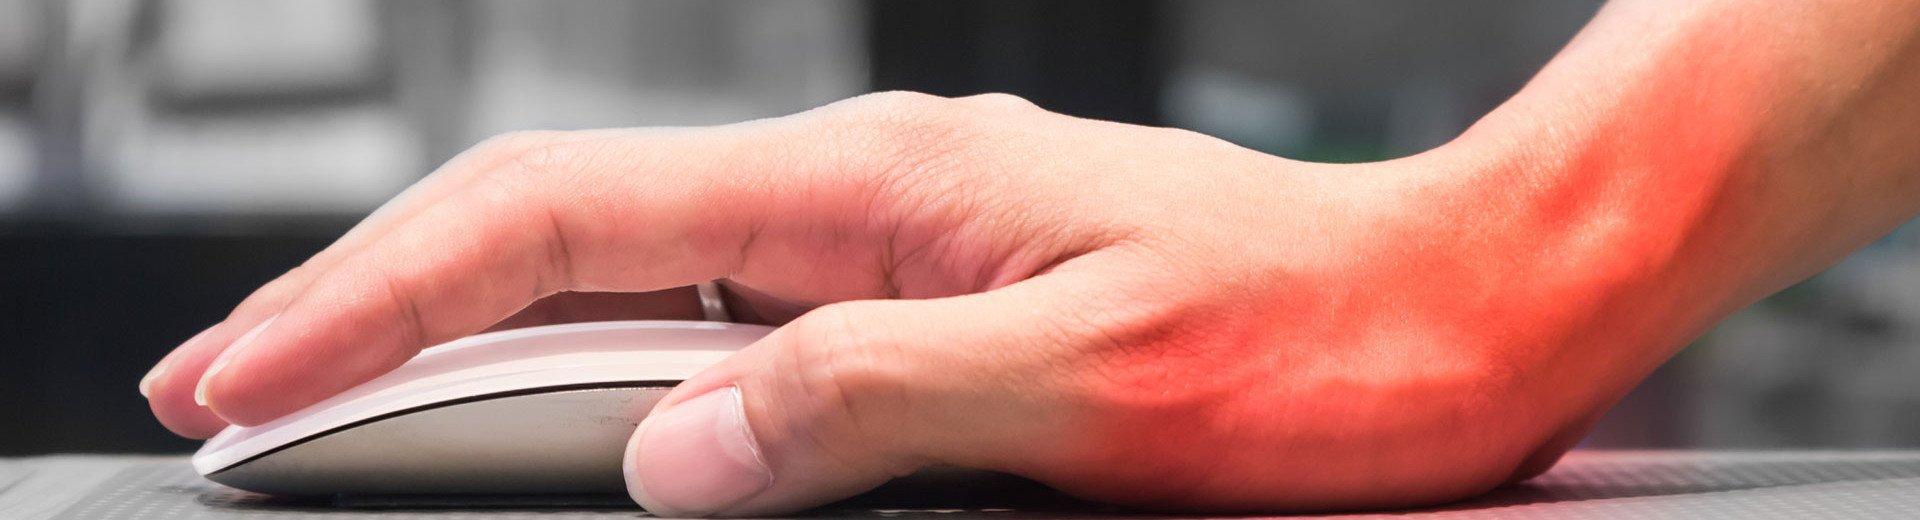 Okładka artykułu Ból w nadgarstku podczas pracy przy komputerze — Jak sobie z nim poradzić?